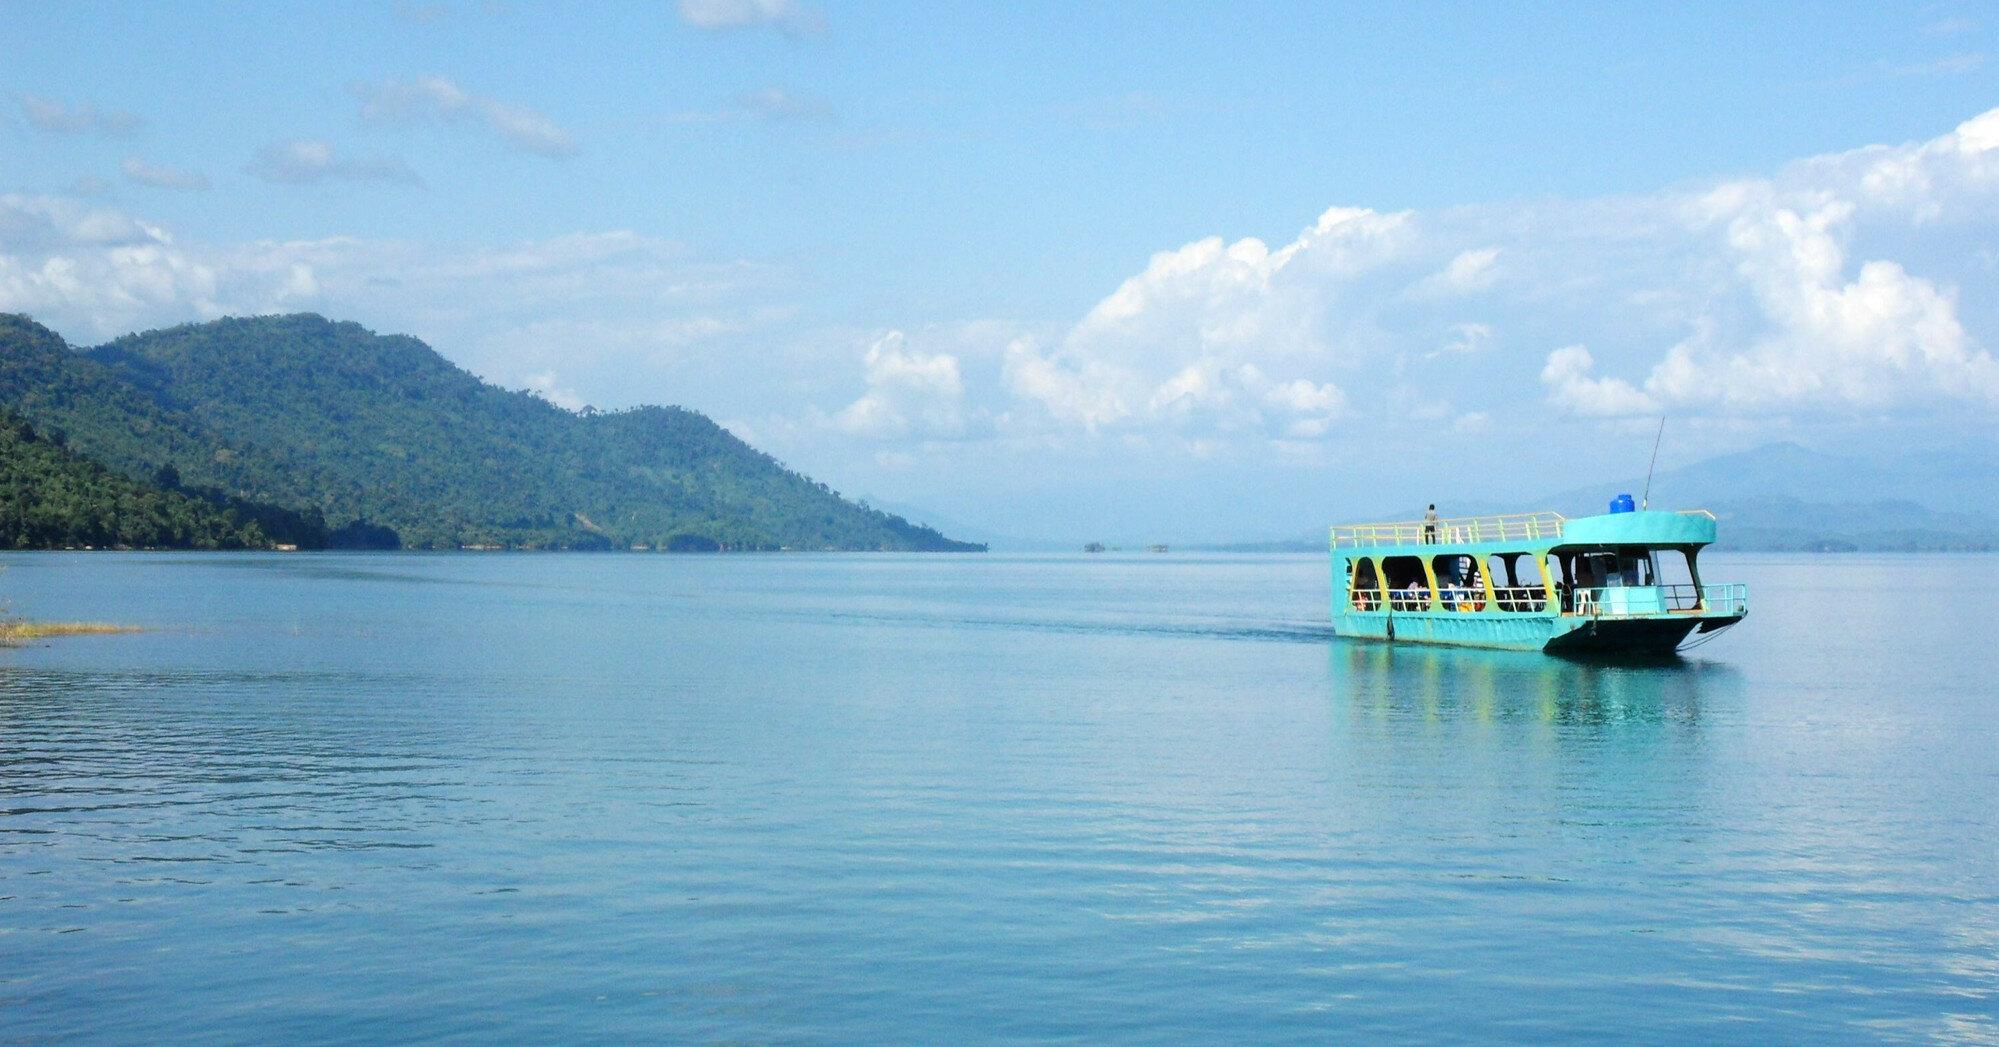 У берегов Бали потерпел крушение пассажирский паром